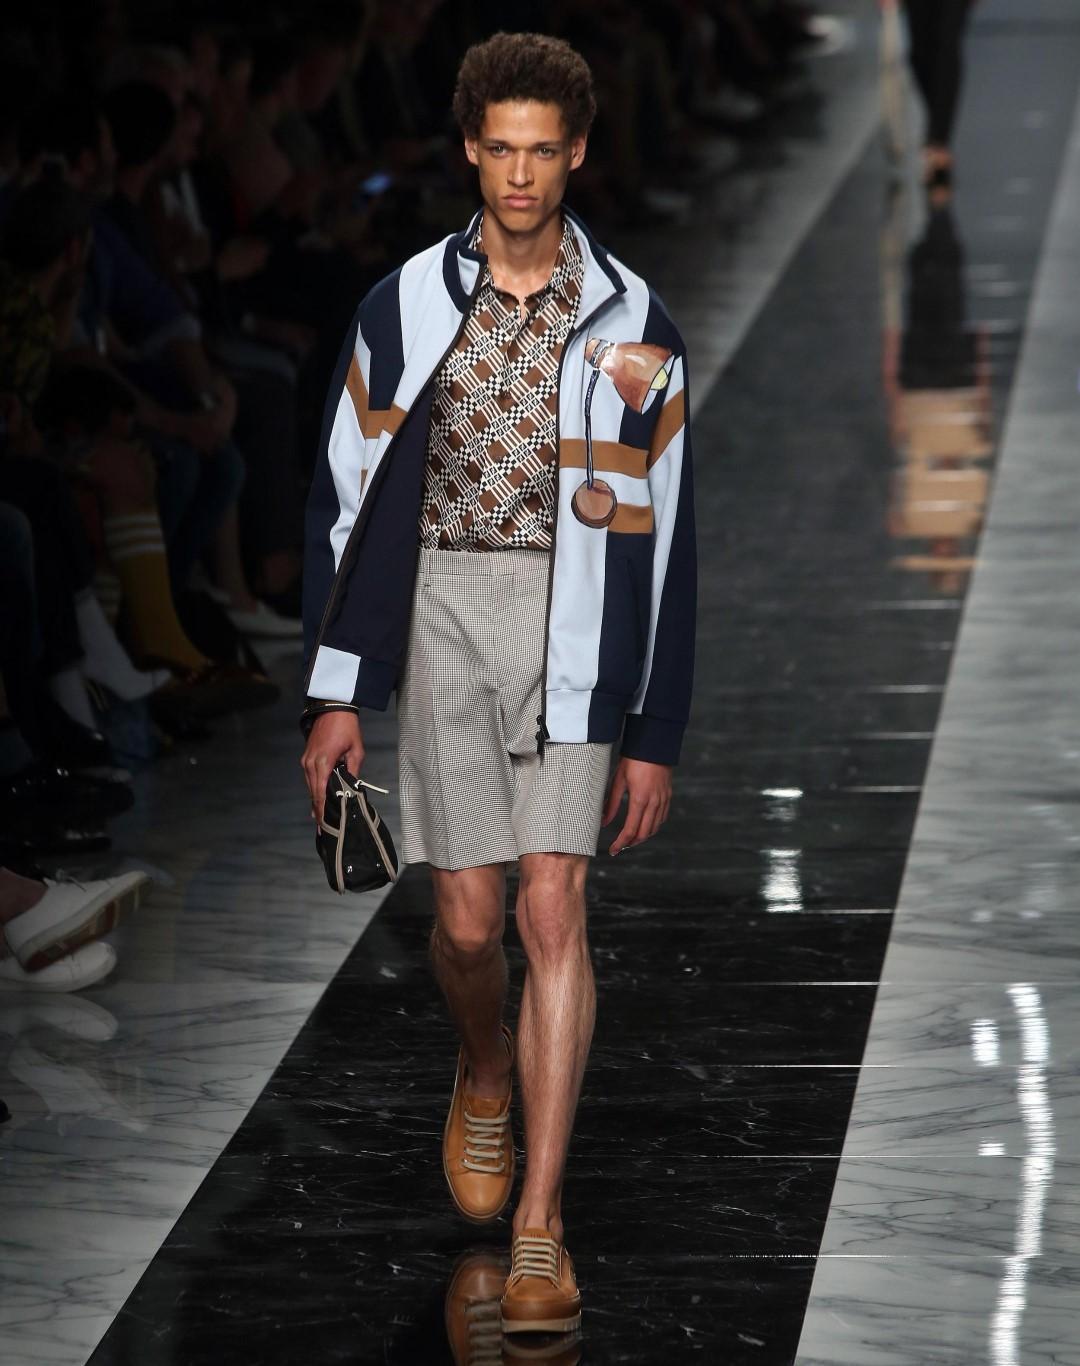 Moda: Armani in greige, Fendi casual chic